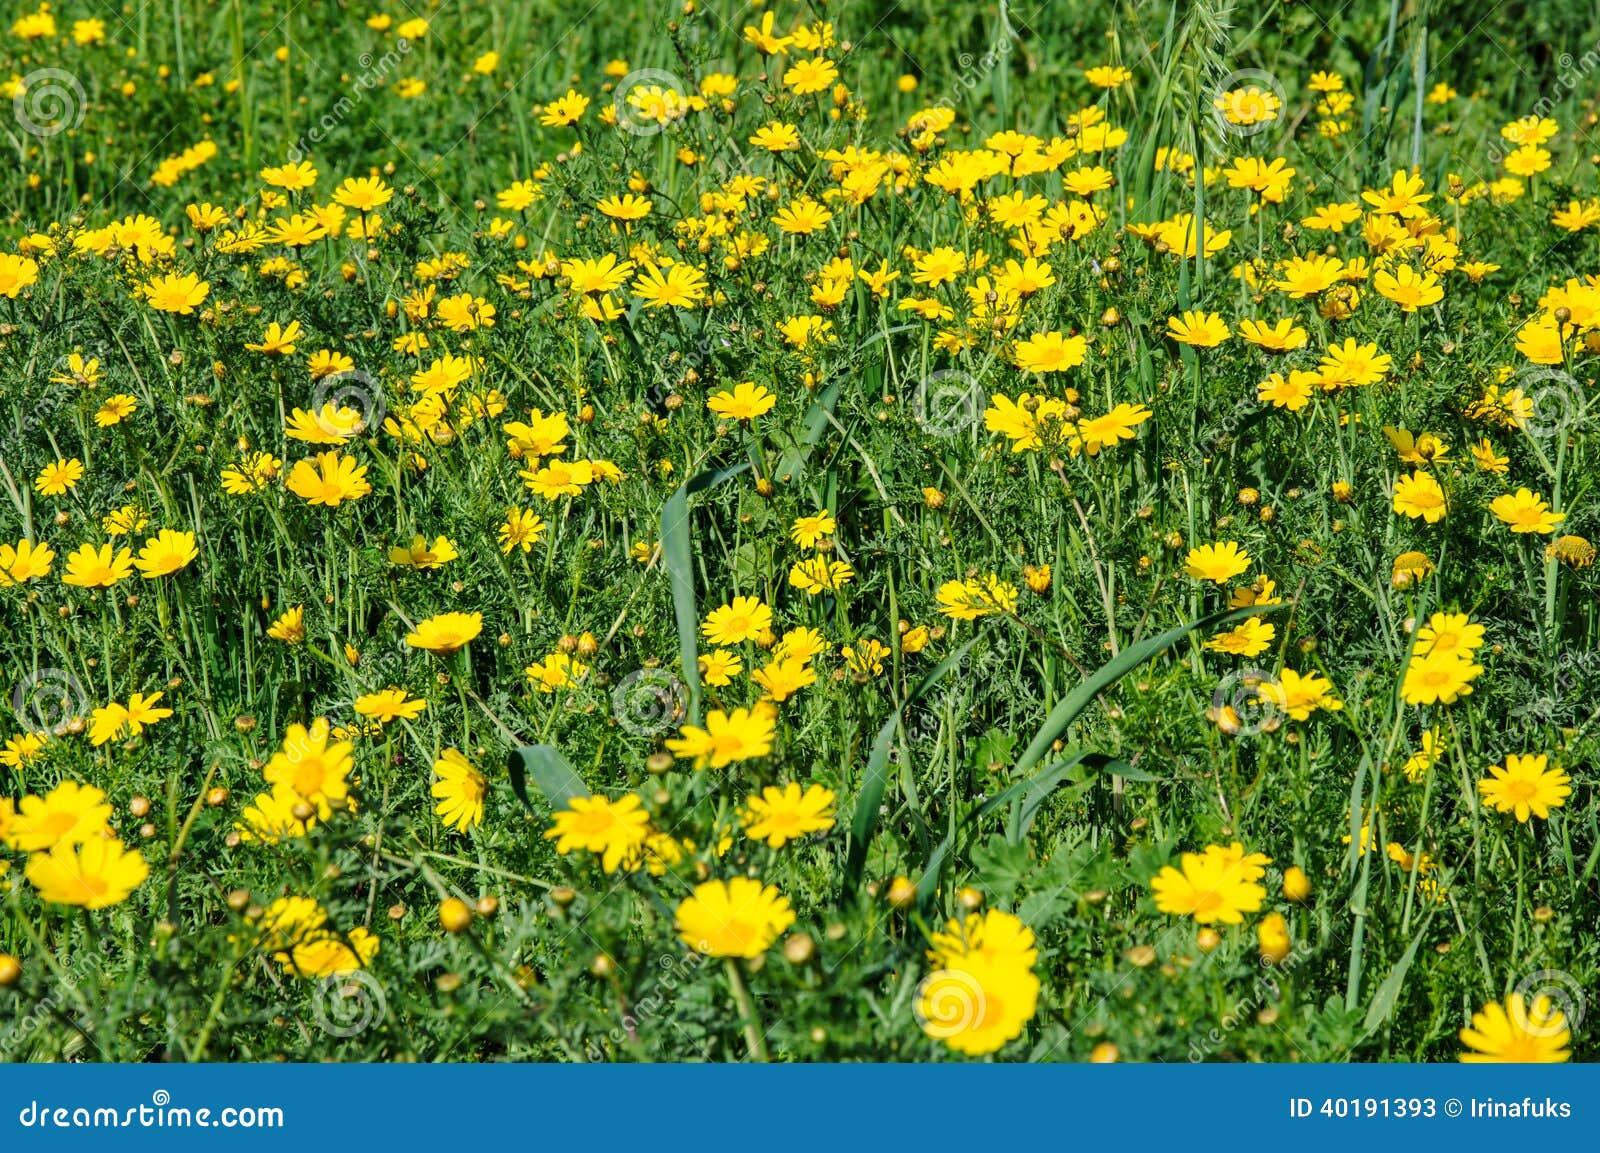 Fiori Gialli Nel Prato.Fiori Gialli Nel Prato Di Fioritura Di Primavera Immagine Stock